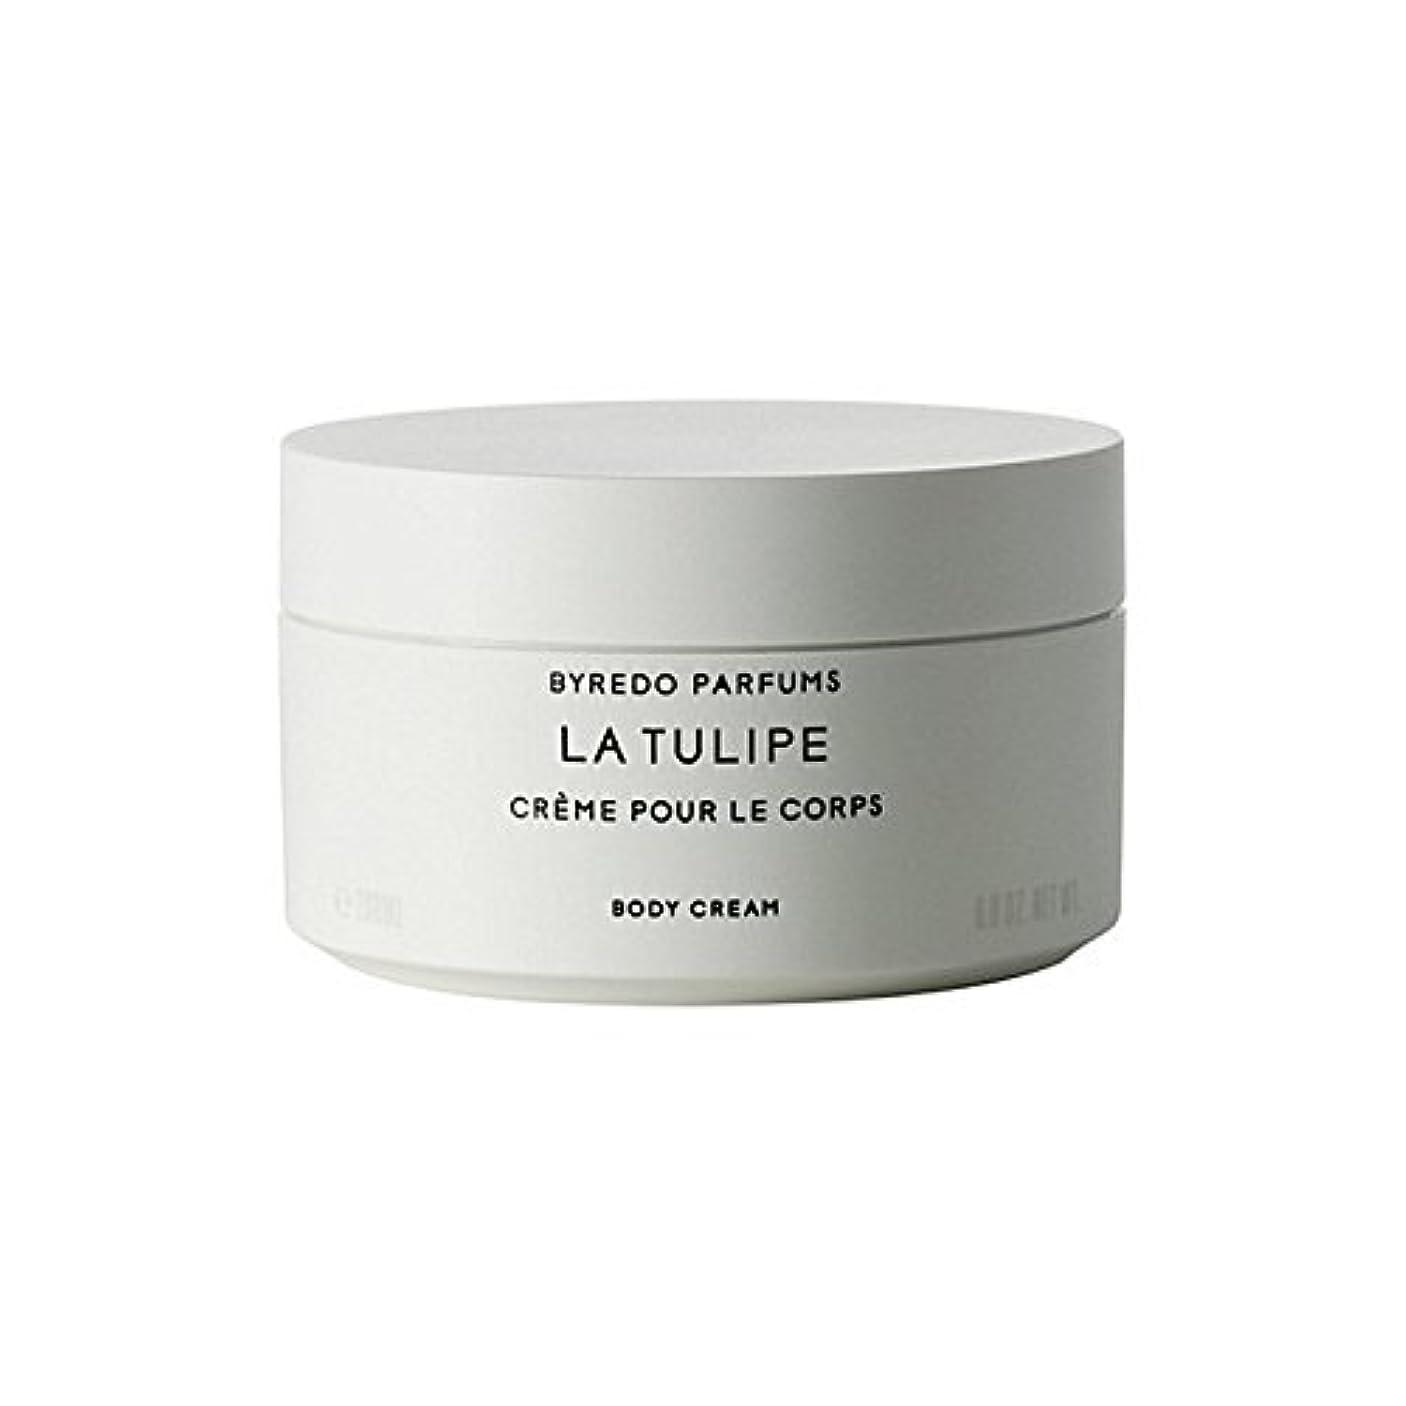 上院議員添加曖昧なラチューリップボディクリーム200ミリリットル x2 - Byredo La Tulipe Body Cream 200ml (Pack of 2) [並行輸入品]